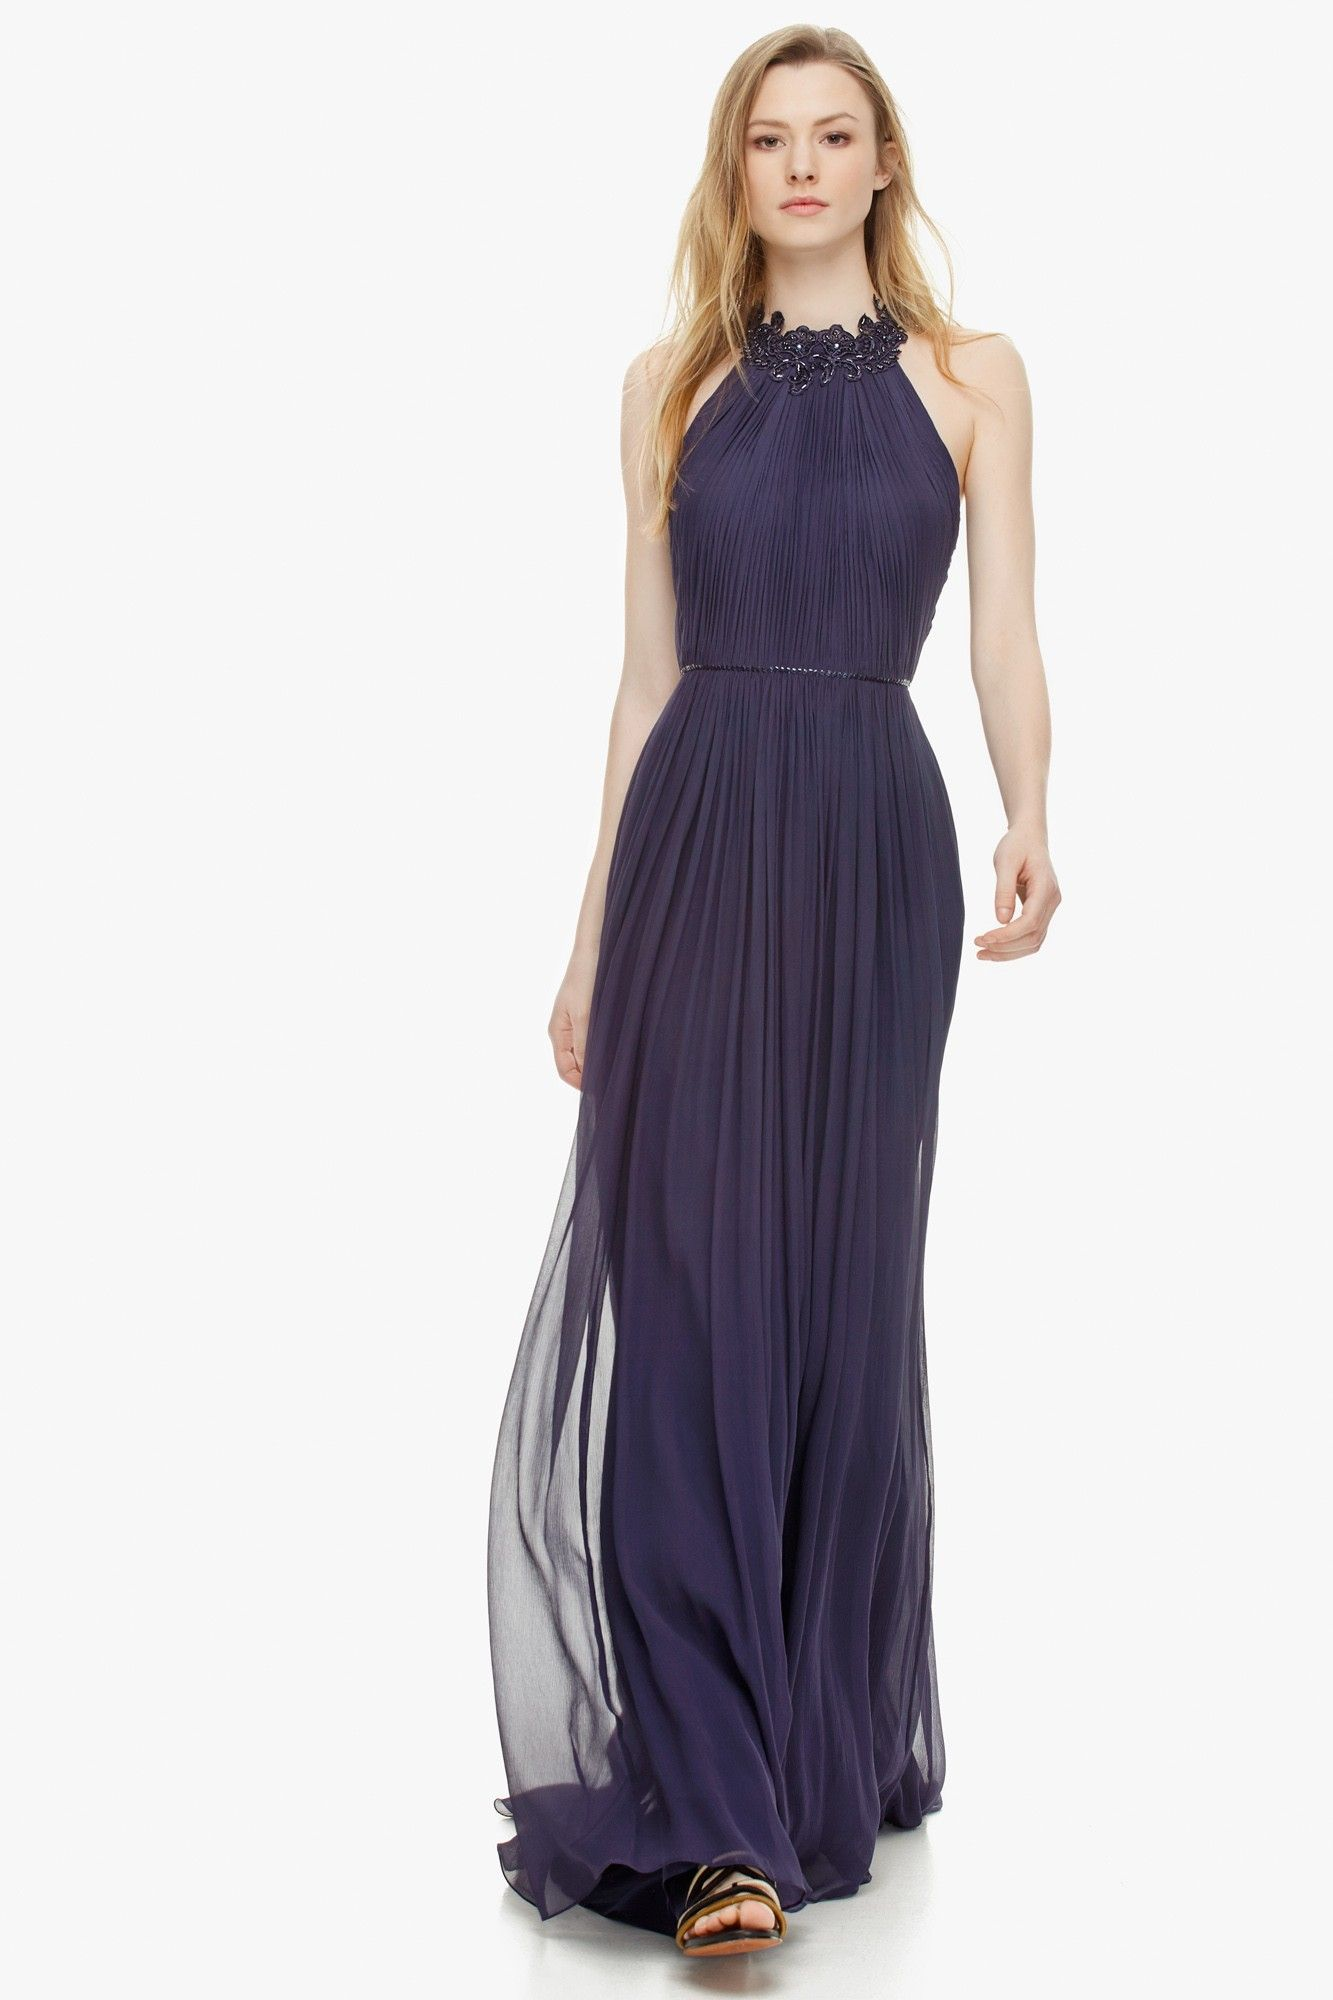 Vestido de seda y escote halter bordado vestidos for Adolfo dominguez vestidos outlet